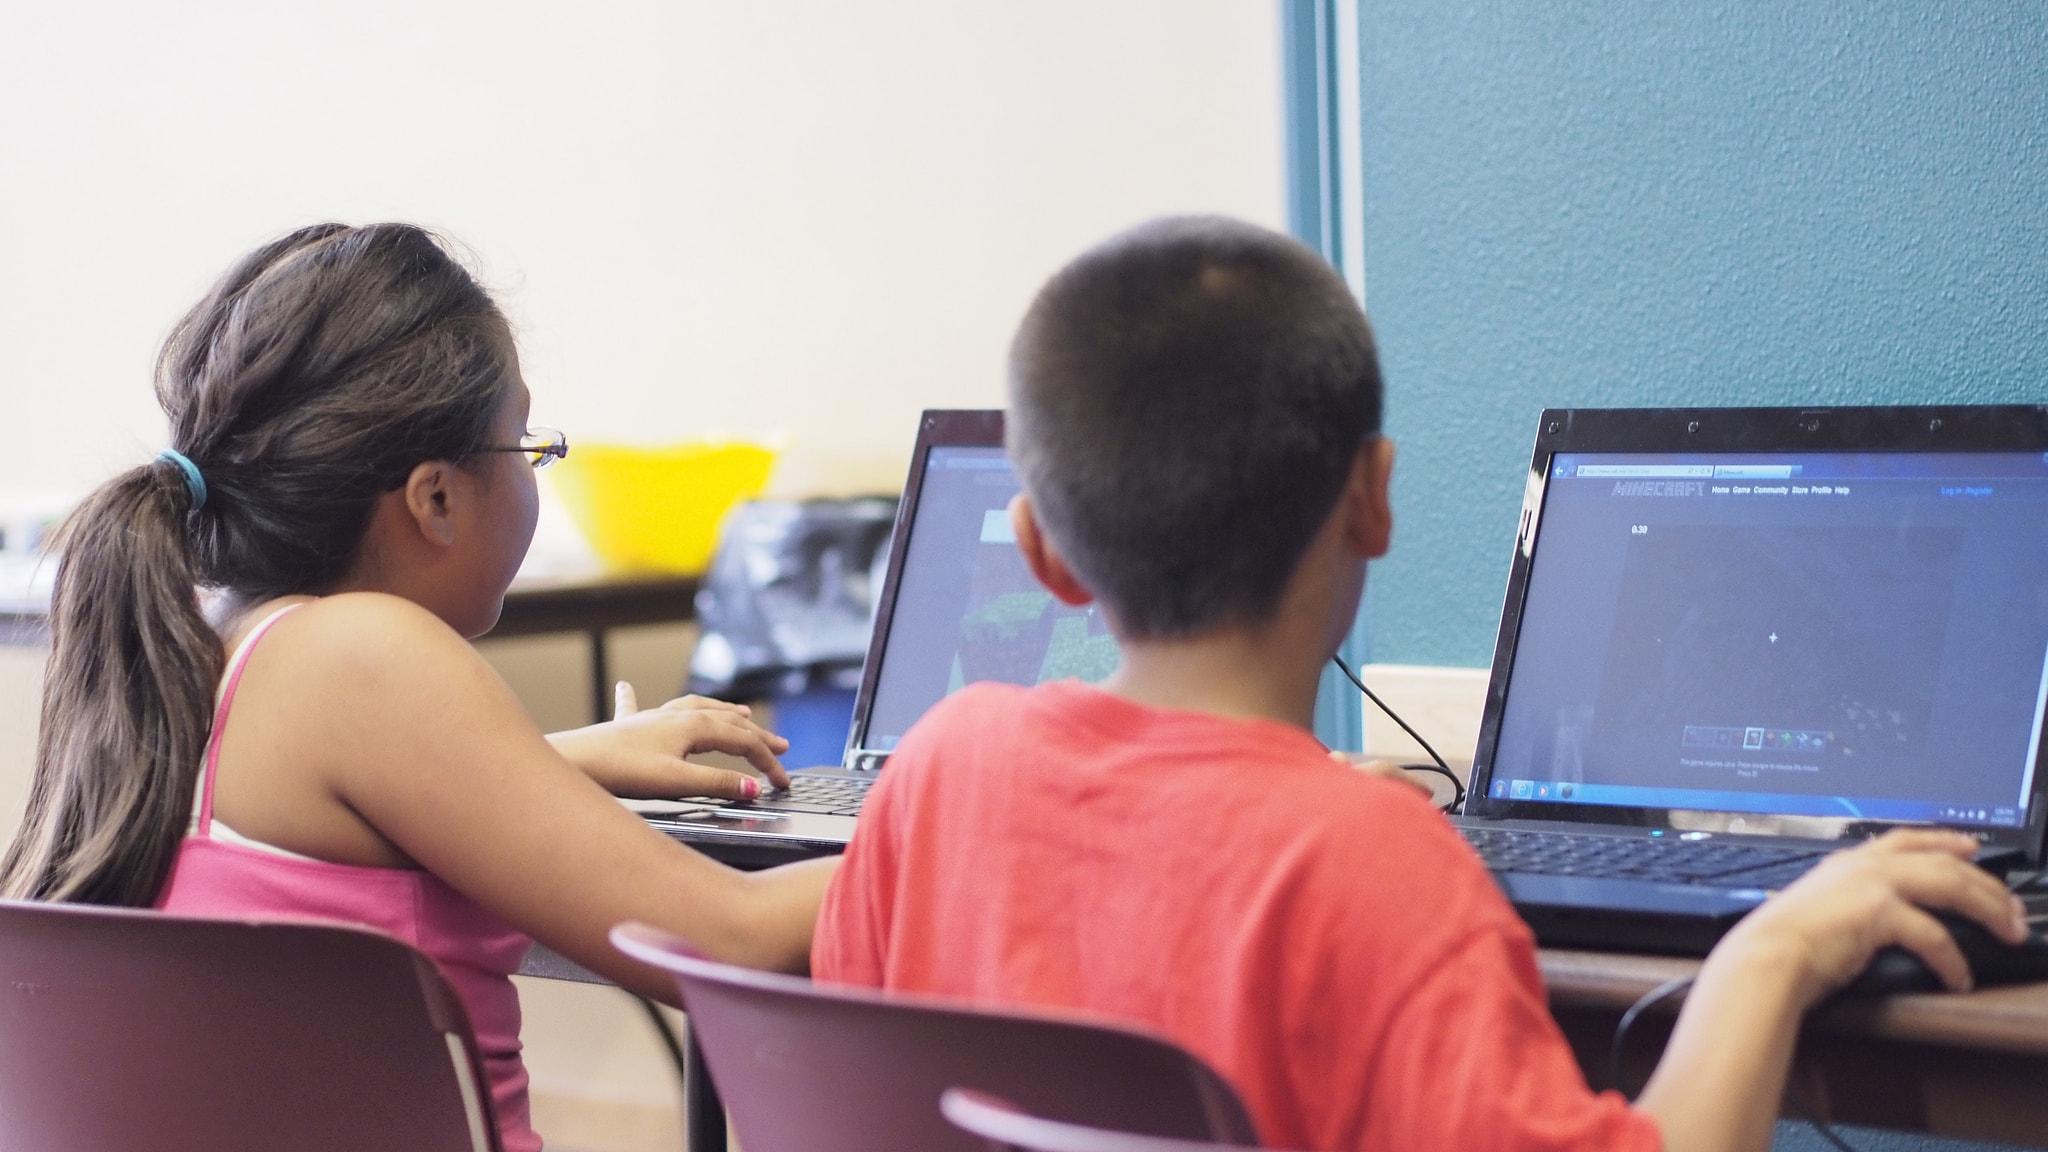 La gamificación es una herramienta útil para emocionar a tus alumnos